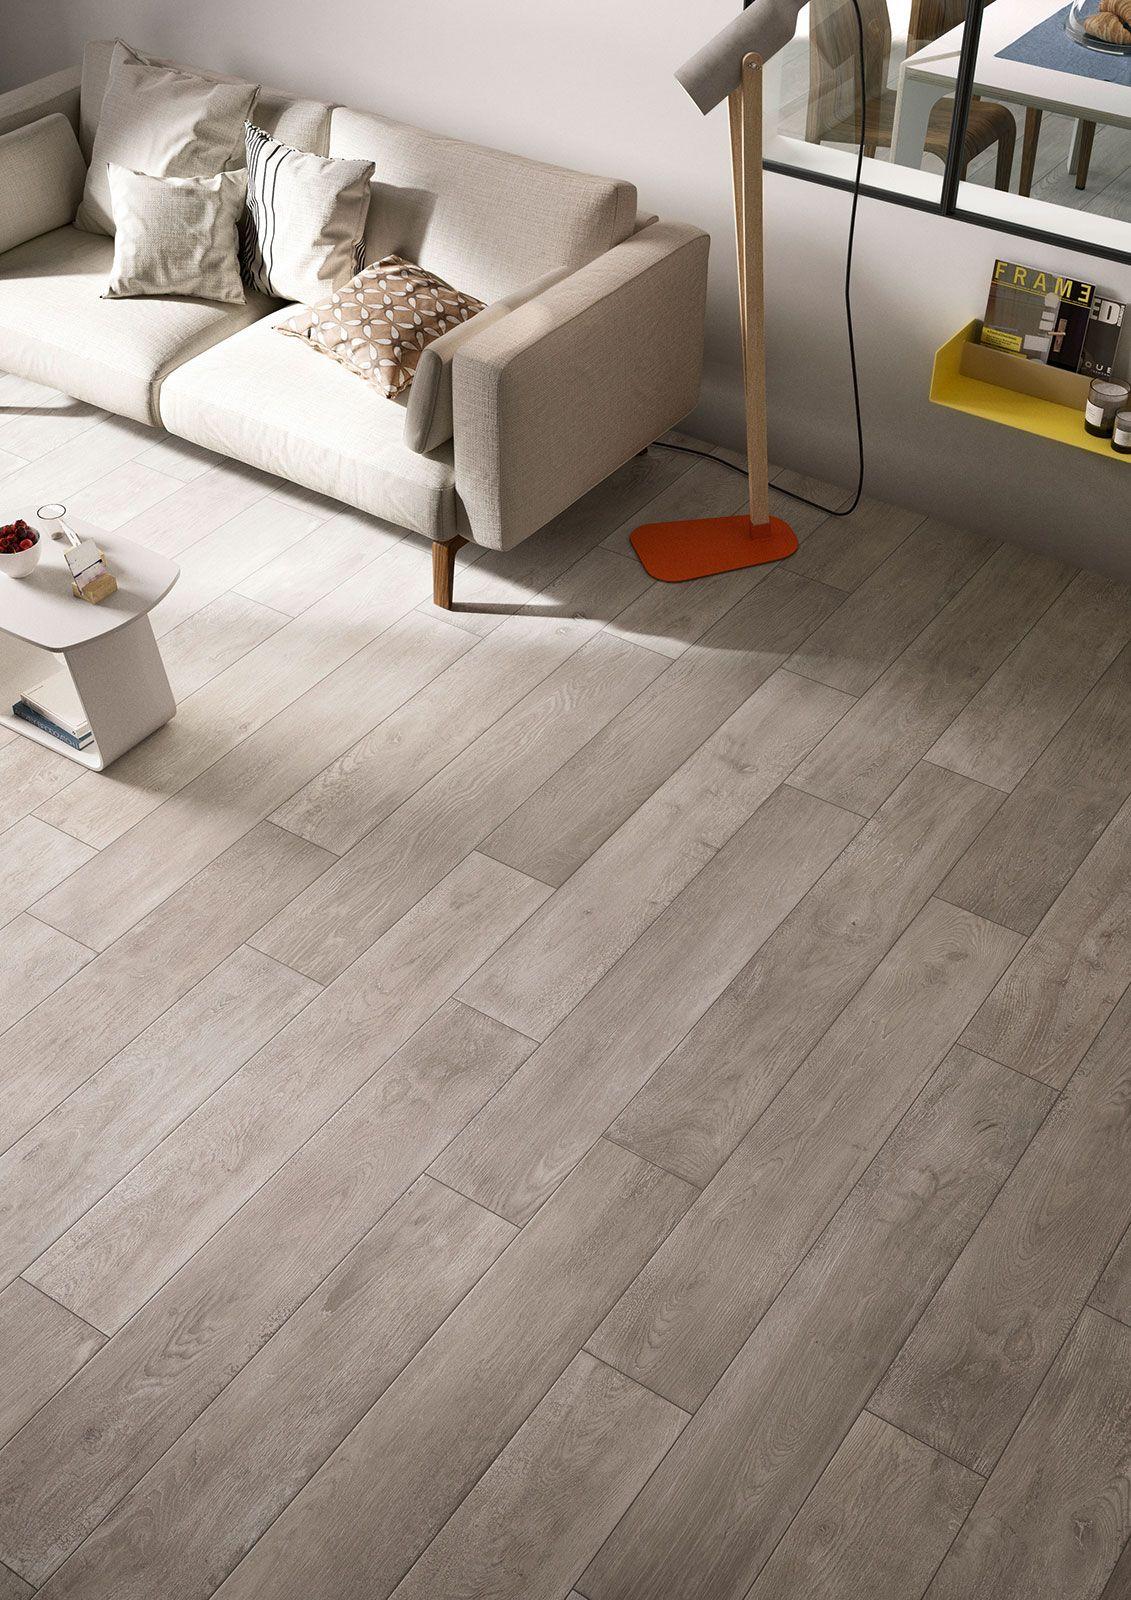 Benefits of wooden floor tiles